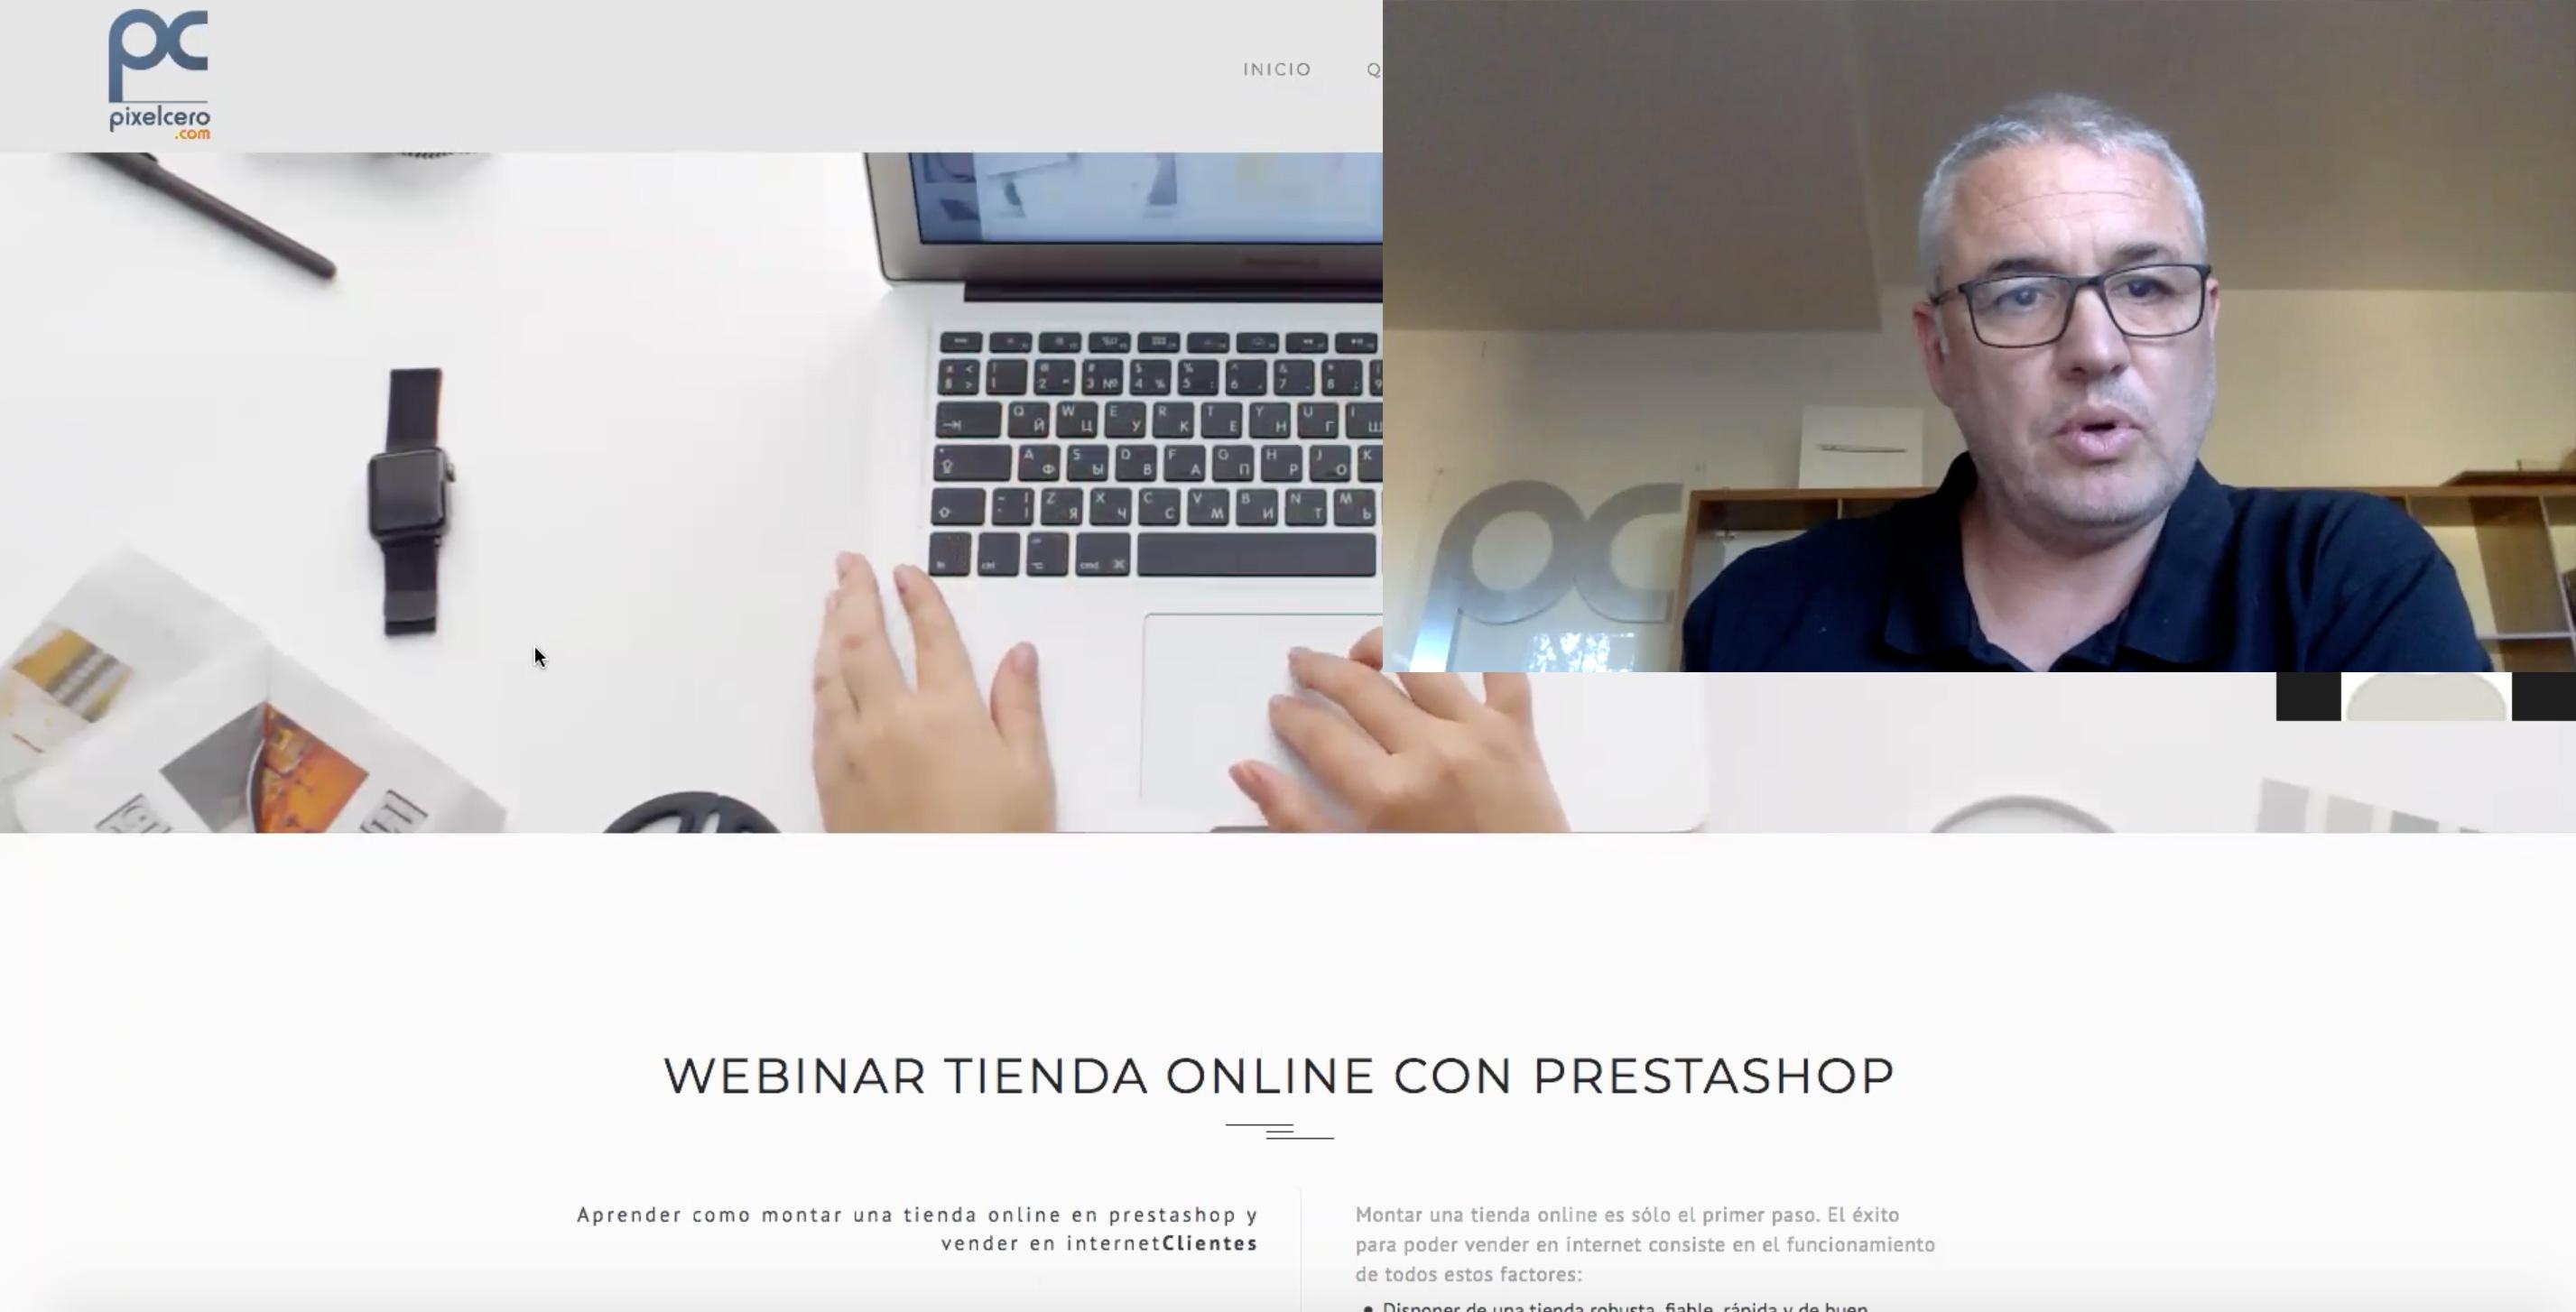 webinar tienda online prestashop